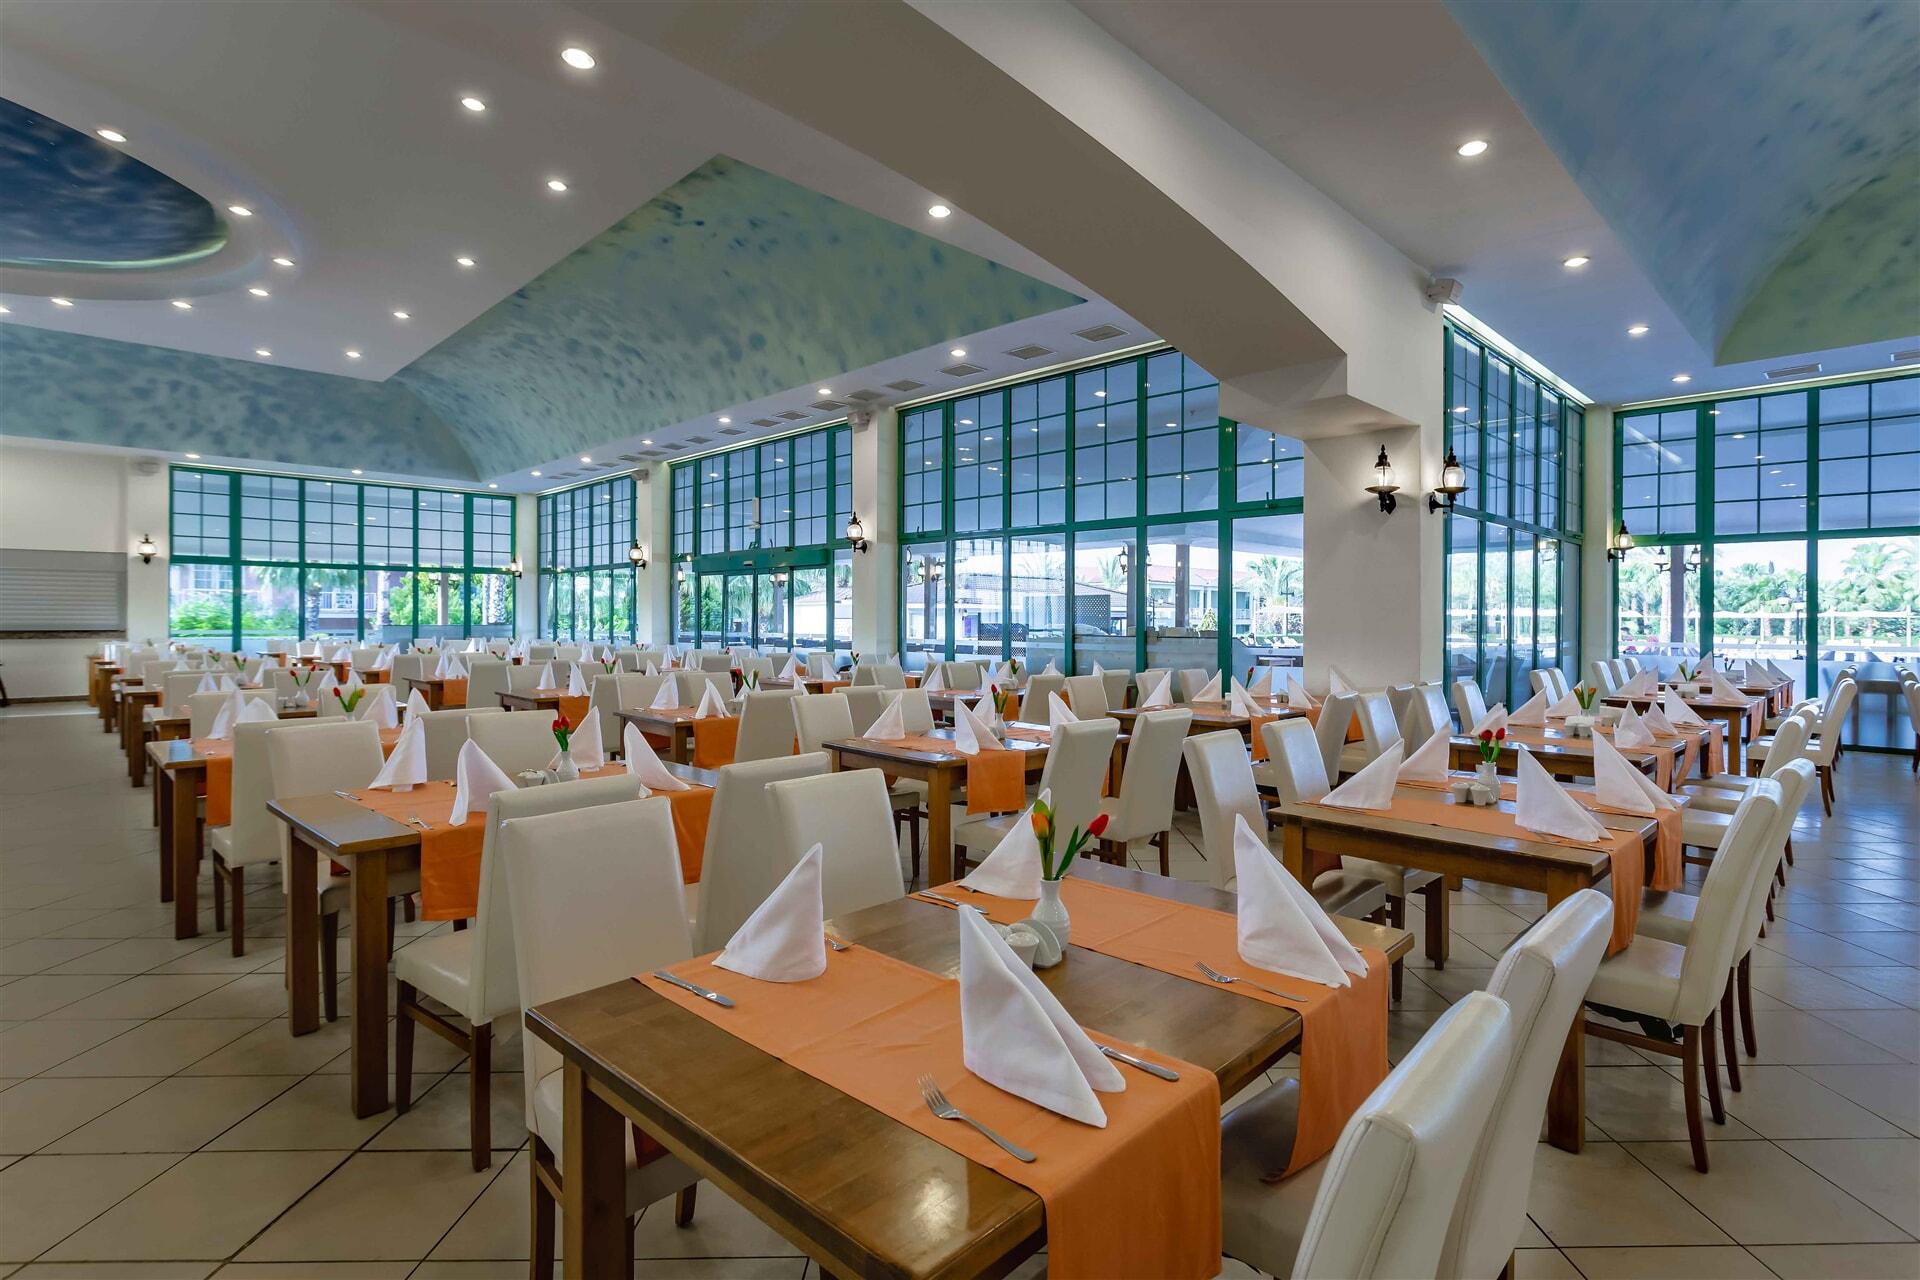 Uluslararası mutfak çeşitlerini, bol alternatif ve lezzetli sunumlar ile her akşam zevkinize sunuyoruz.